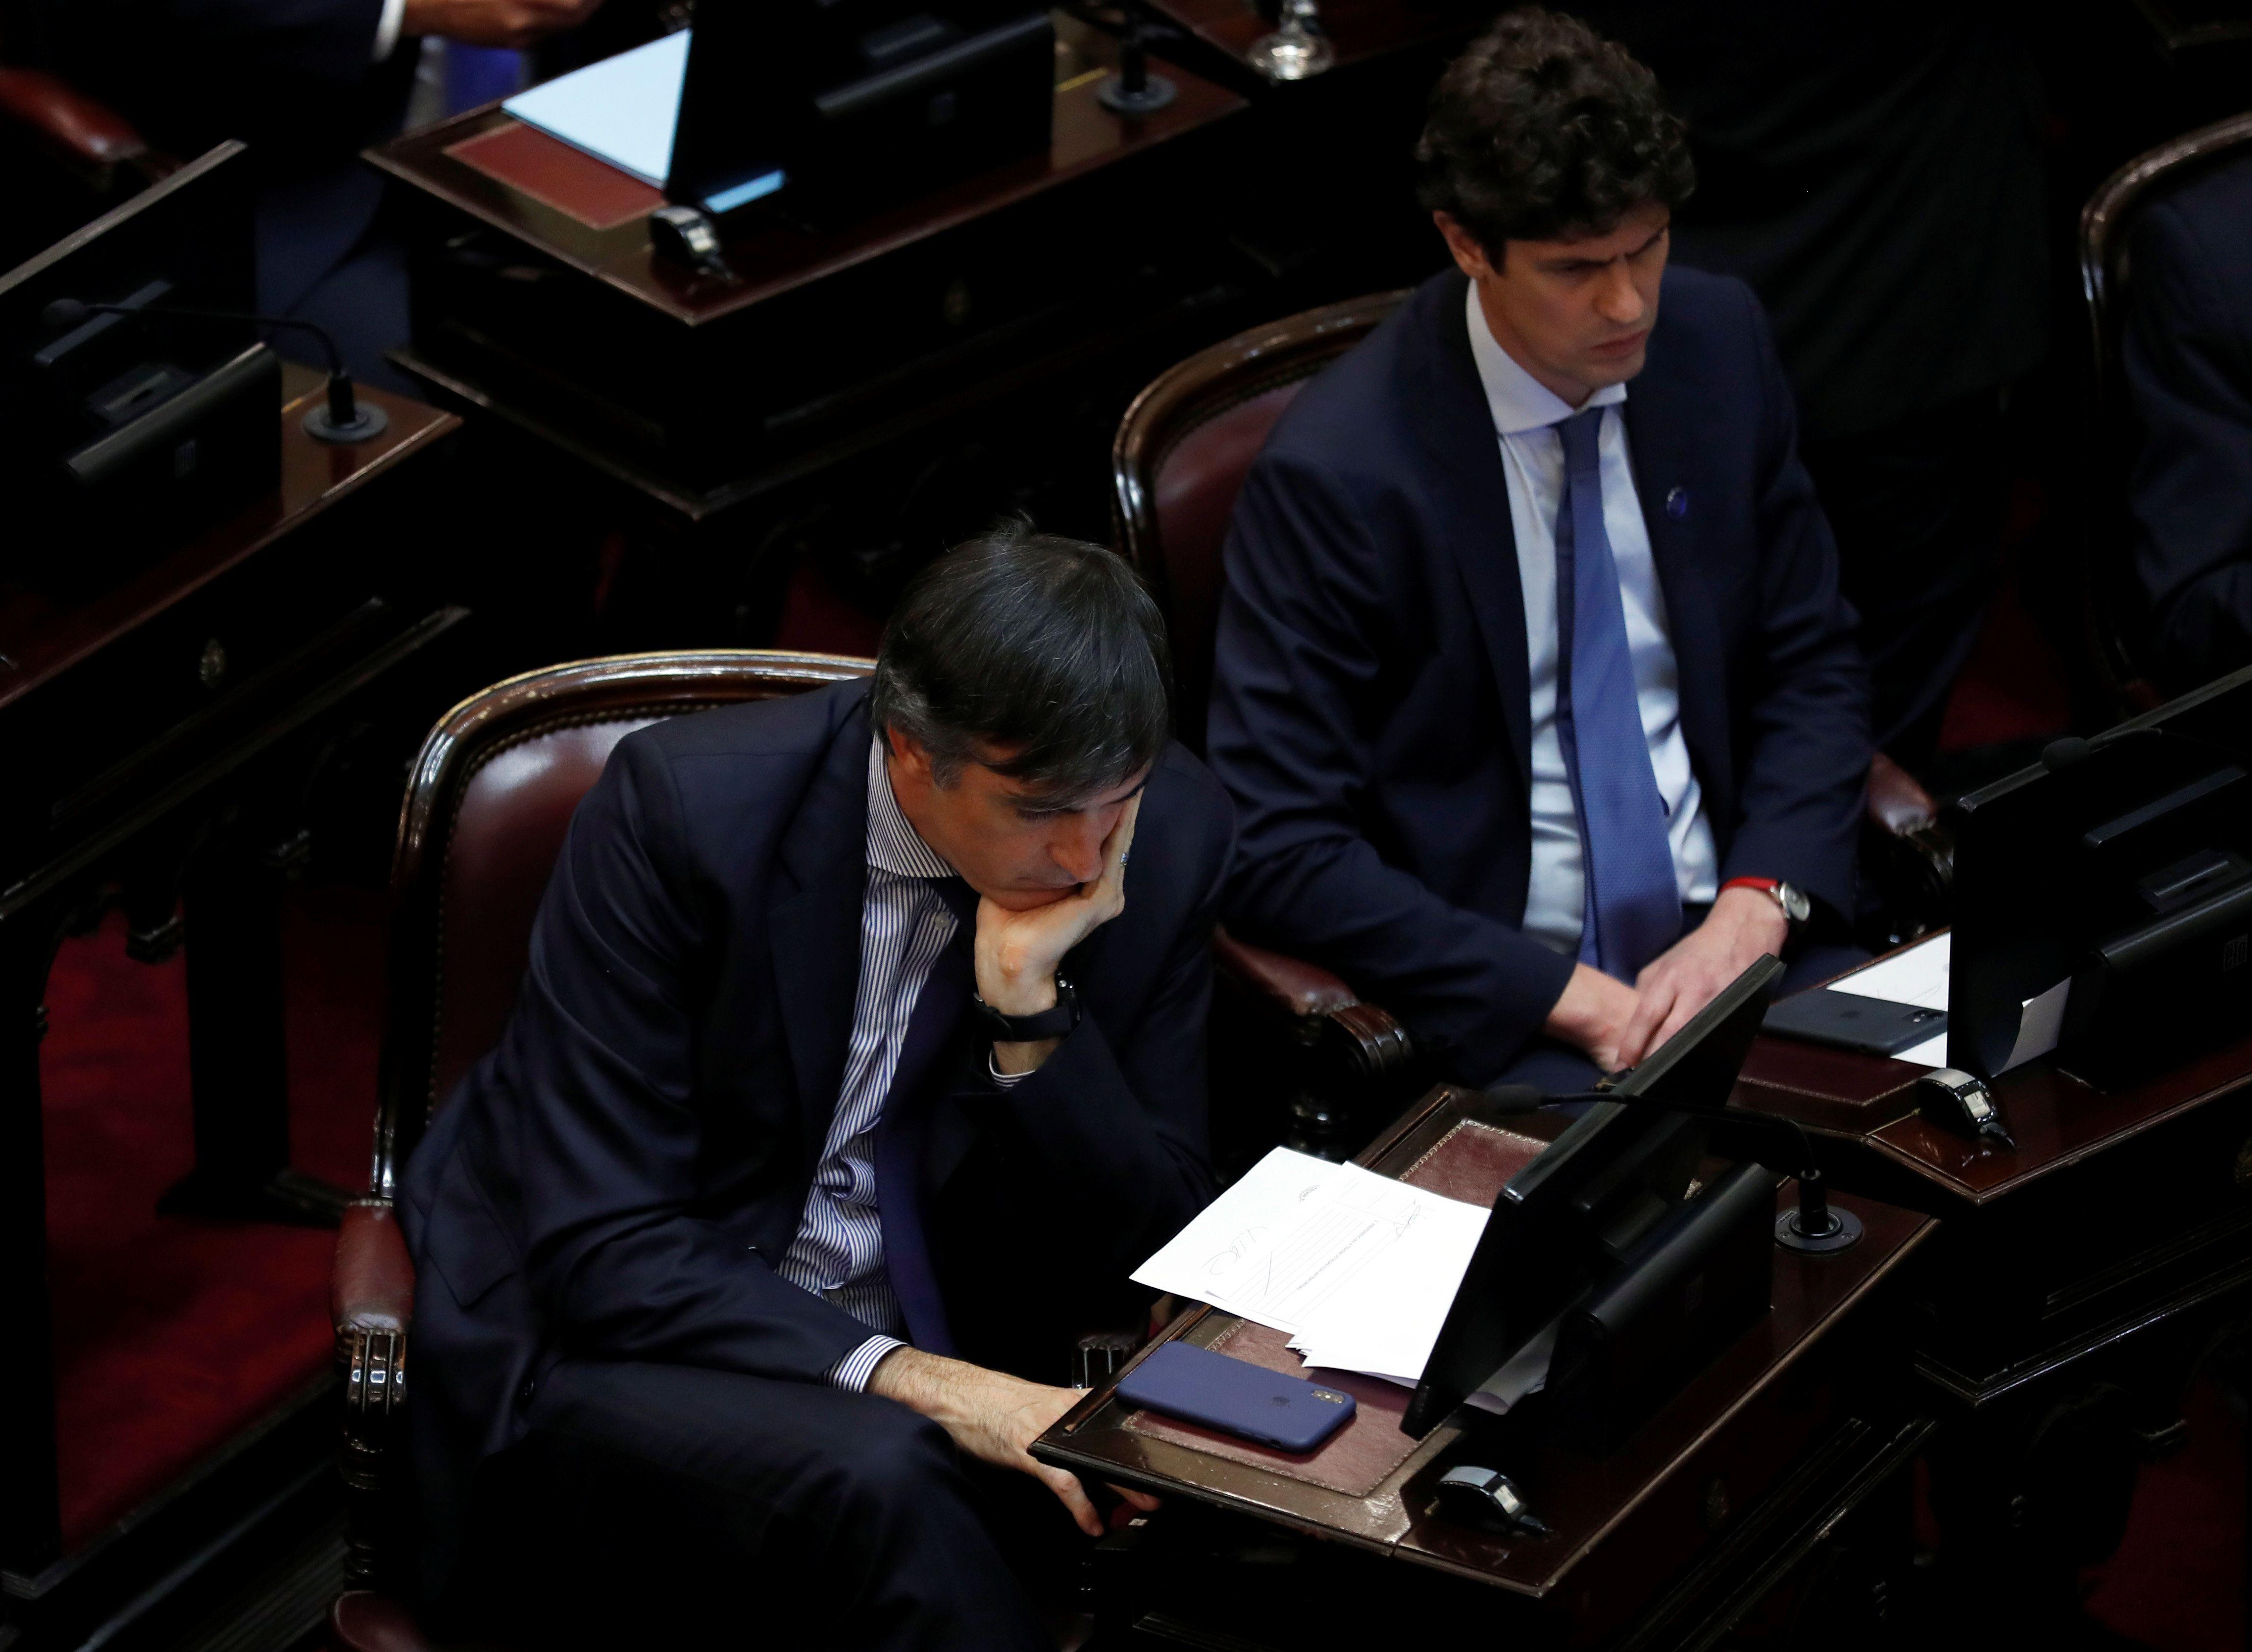 Los senadores Esteban Bullrich y Martín Lousteau (REUTERS/Agustin Marcarian)